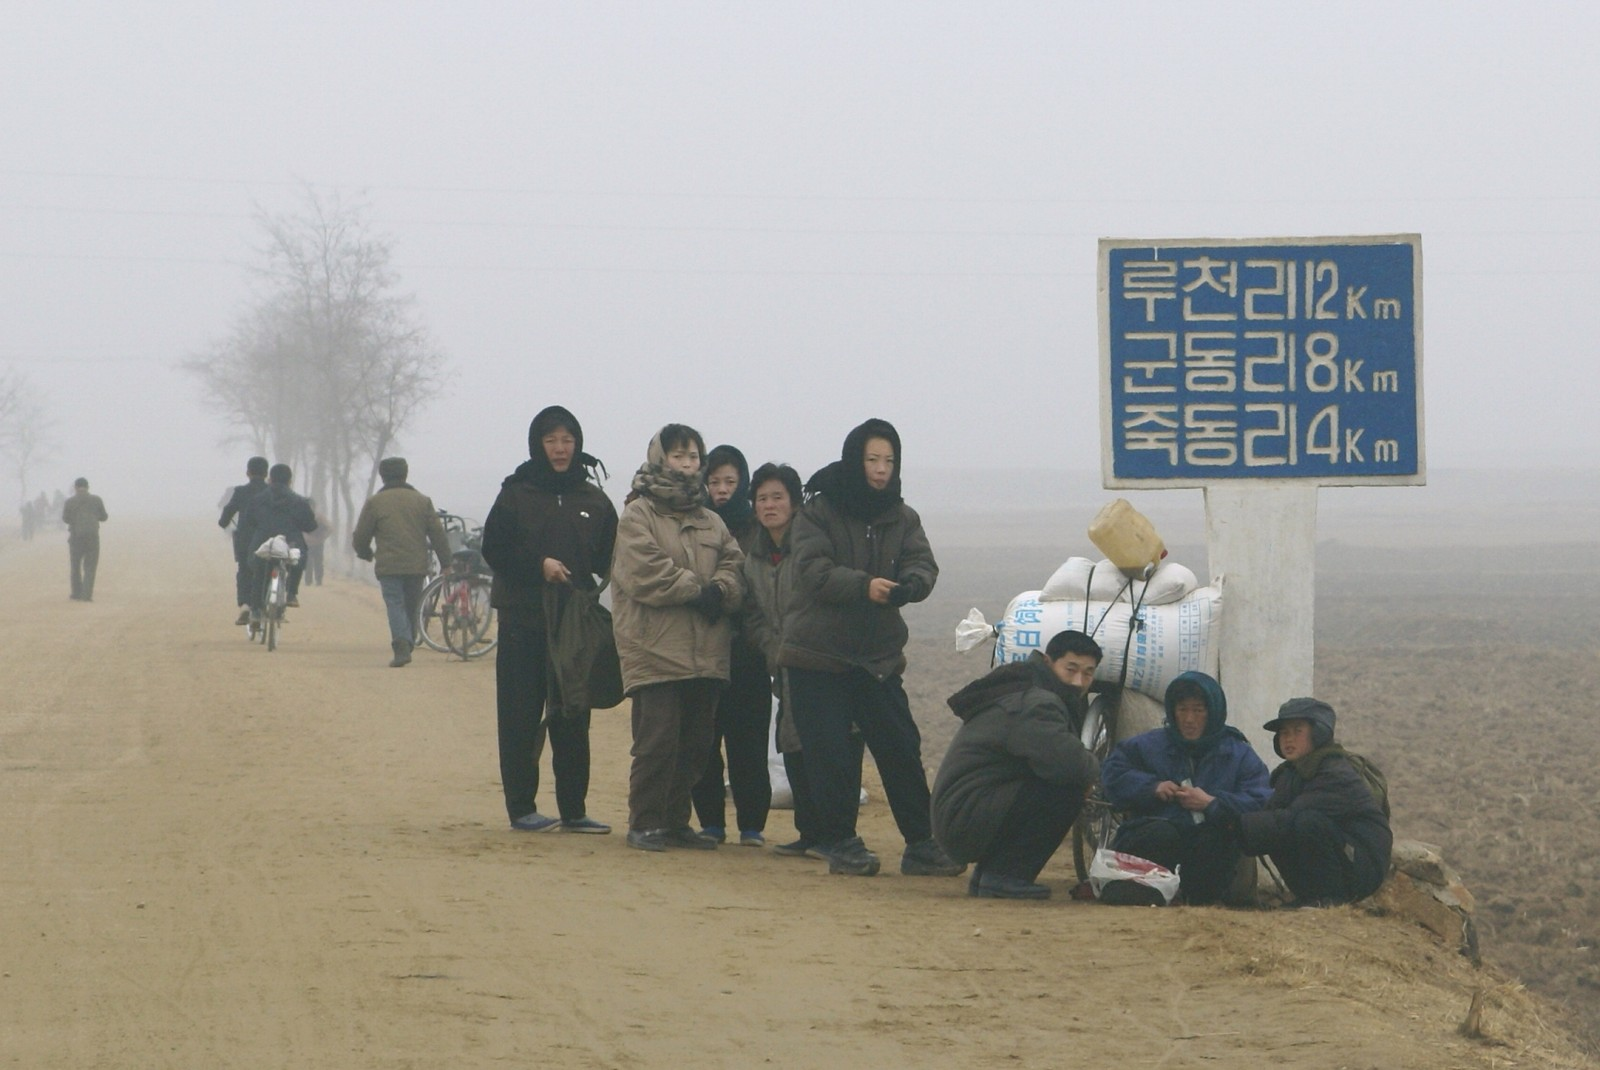 Roadside scene in Pongchon County